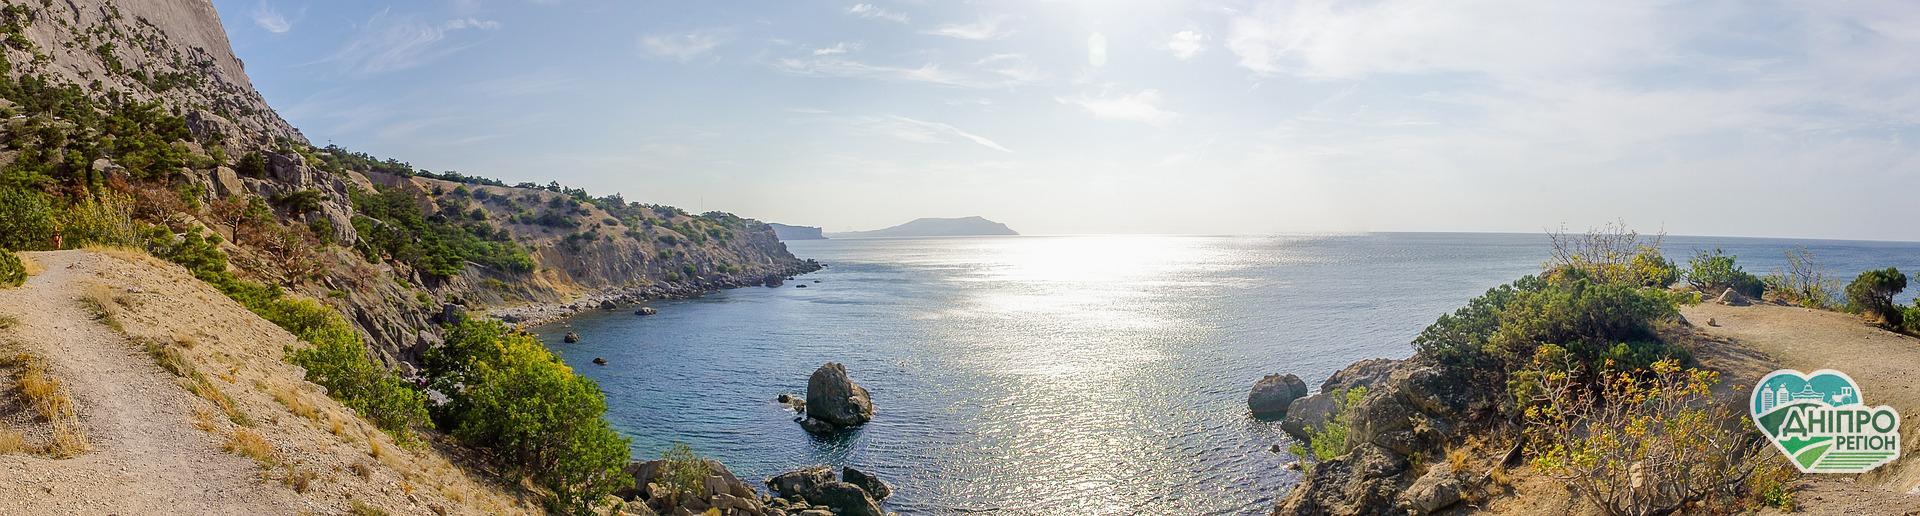 Відпочинок на Чорному морі після карантину: кому підійде Залізний Порт